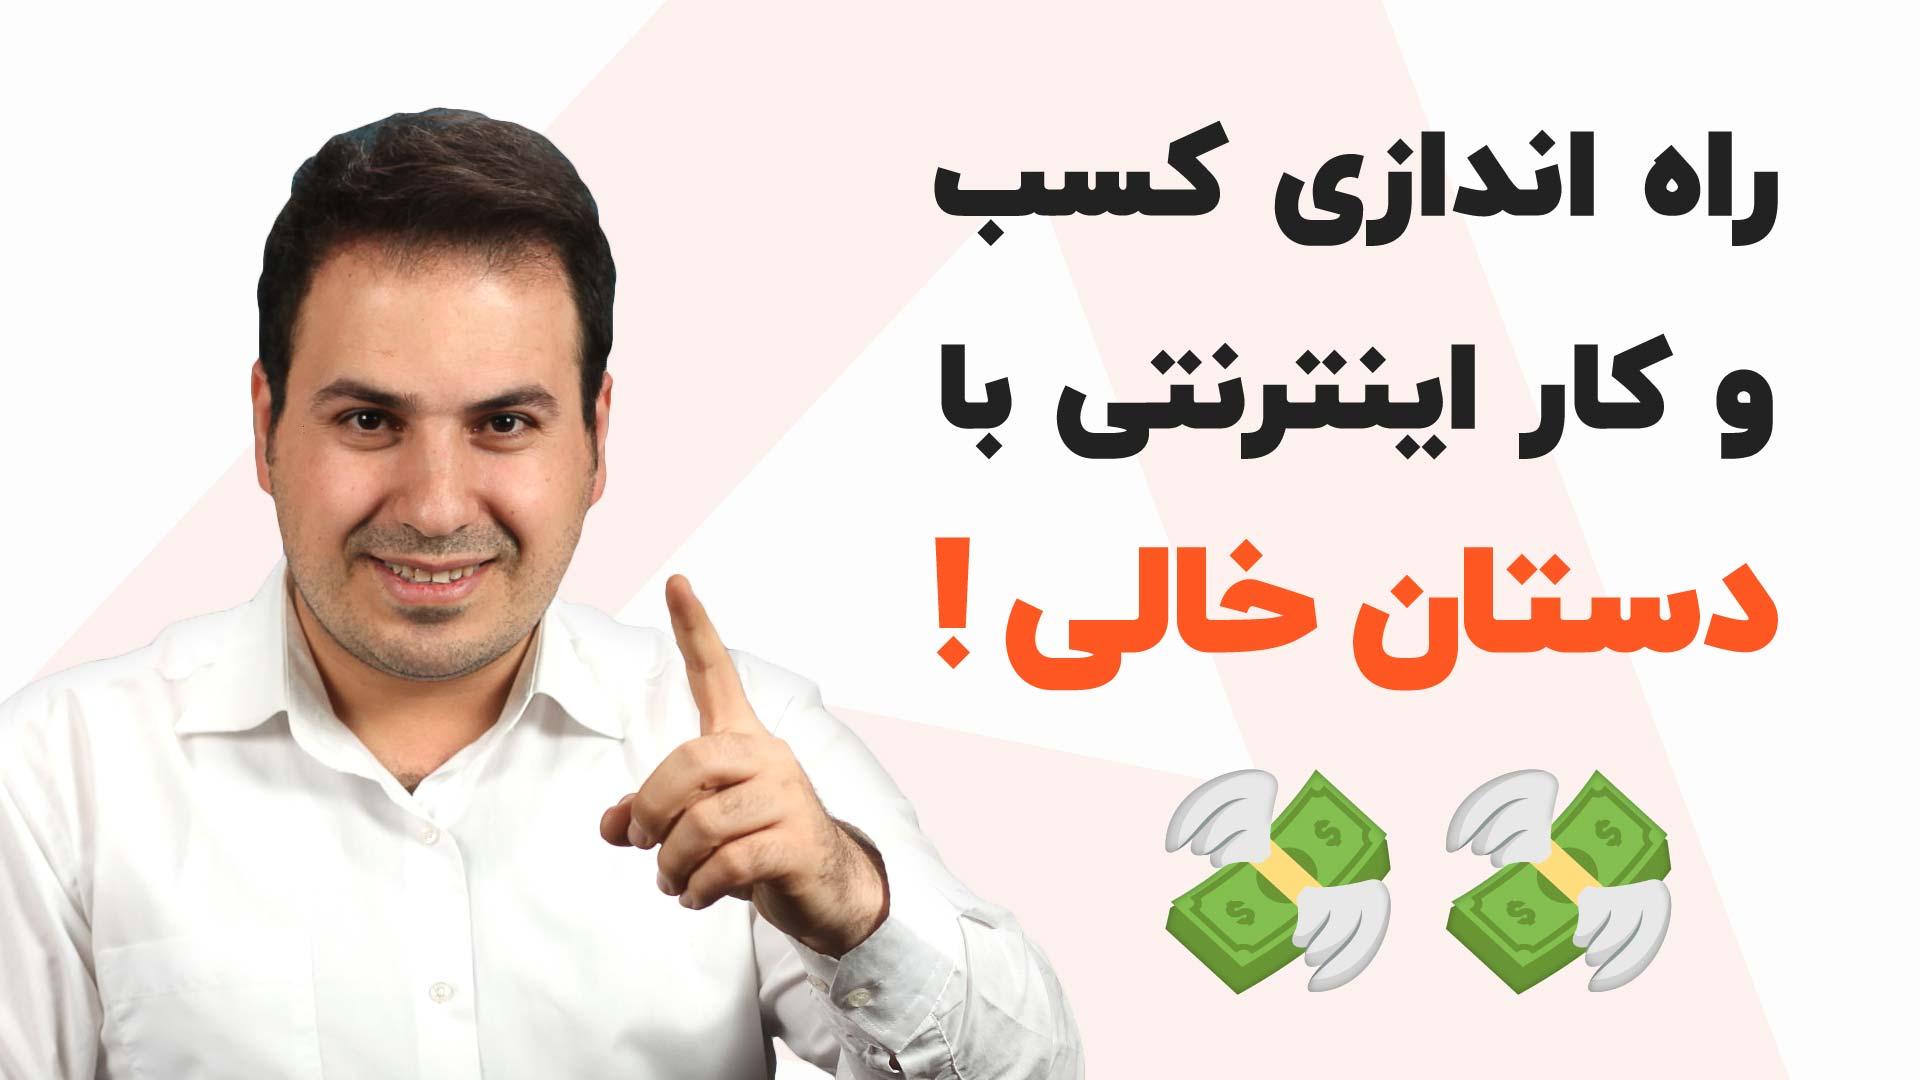 راه اندازی کسب و کار اینترنتی با دستان خالی - علی آل عباس